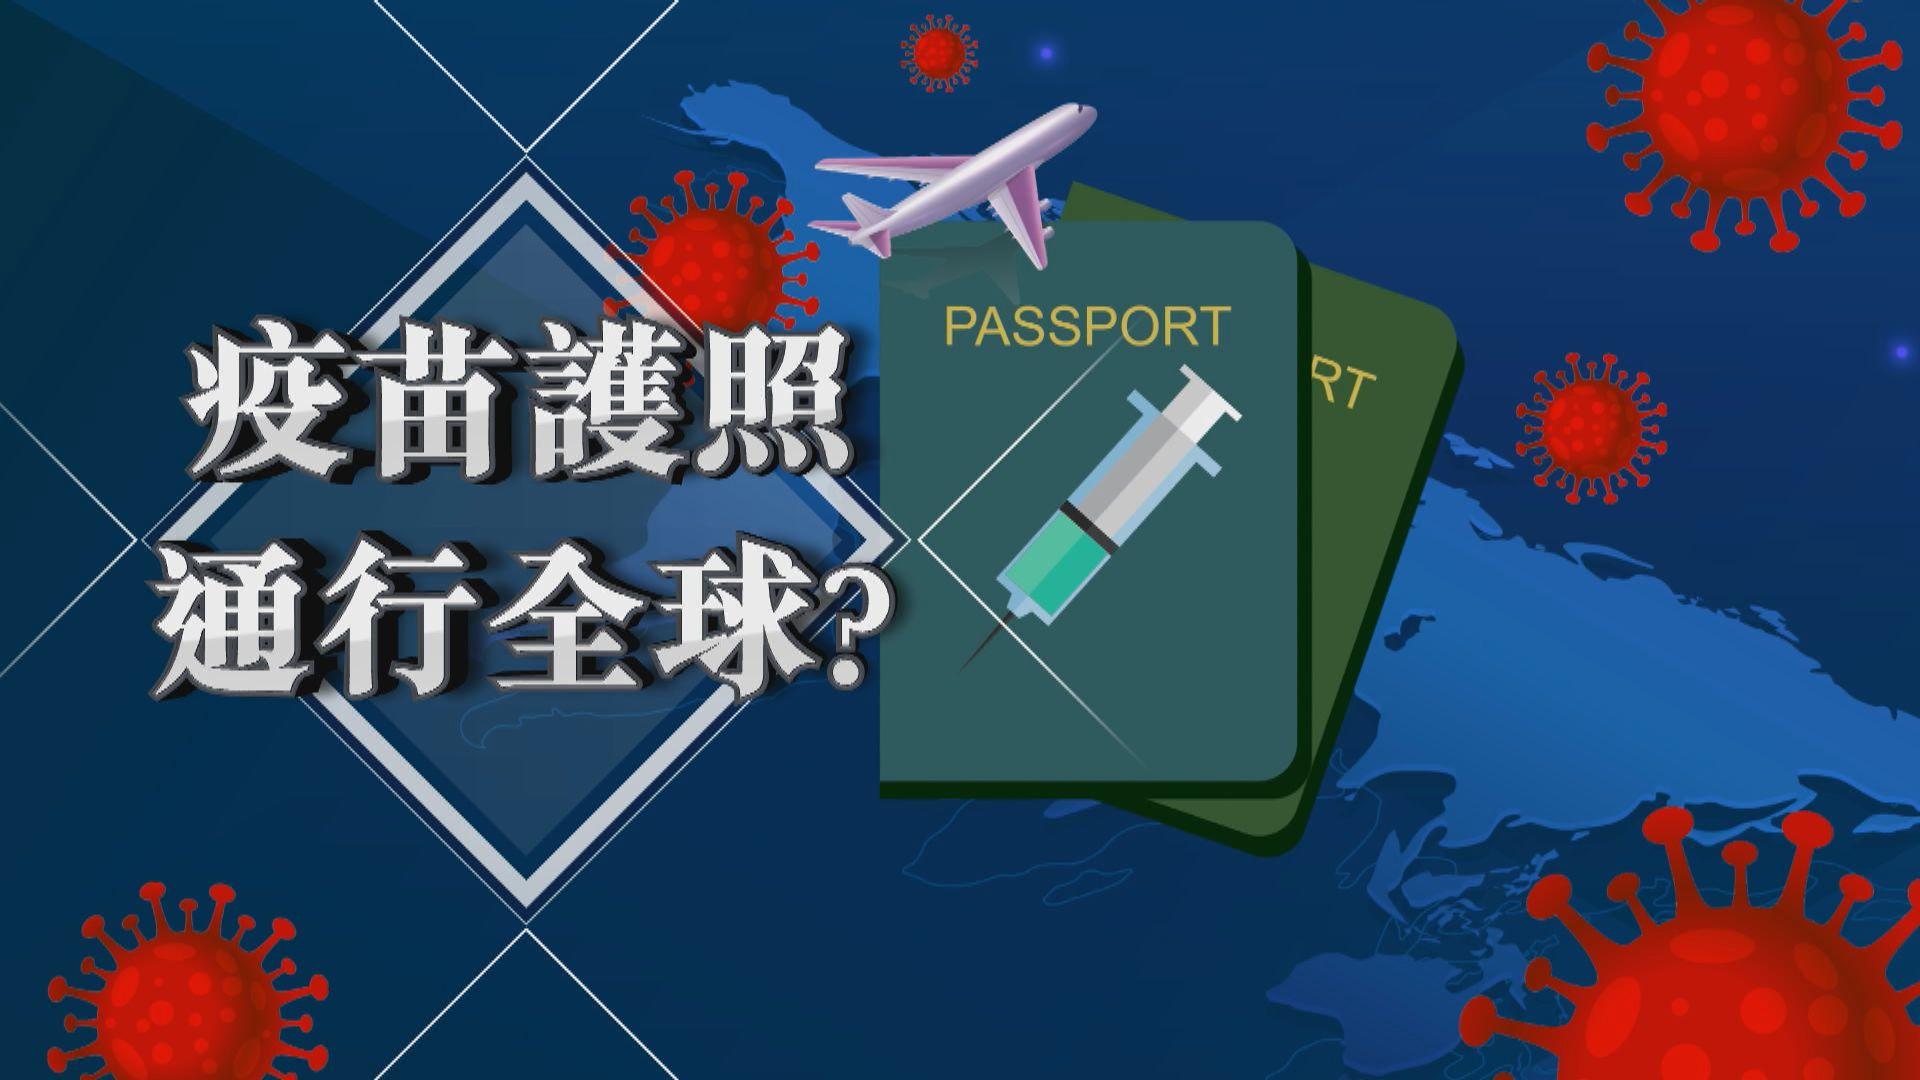 【新聞智庫】憑疫苗護照便可「安心出行」?